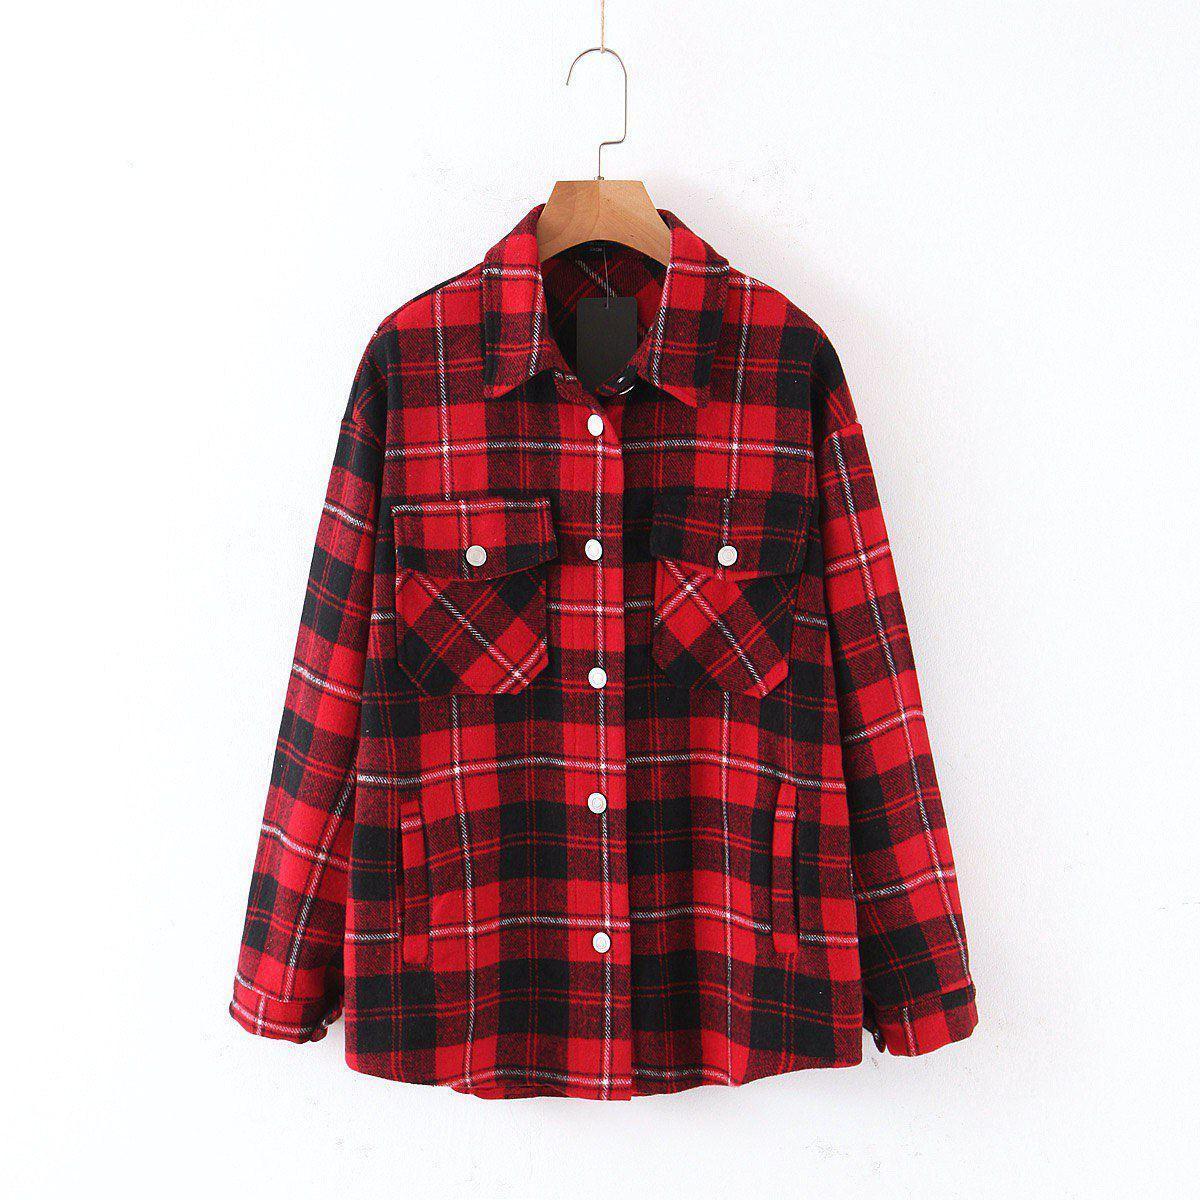 Женская теплая рубашка в клетку с карманами на груди в едином размере 42-46 68ru412